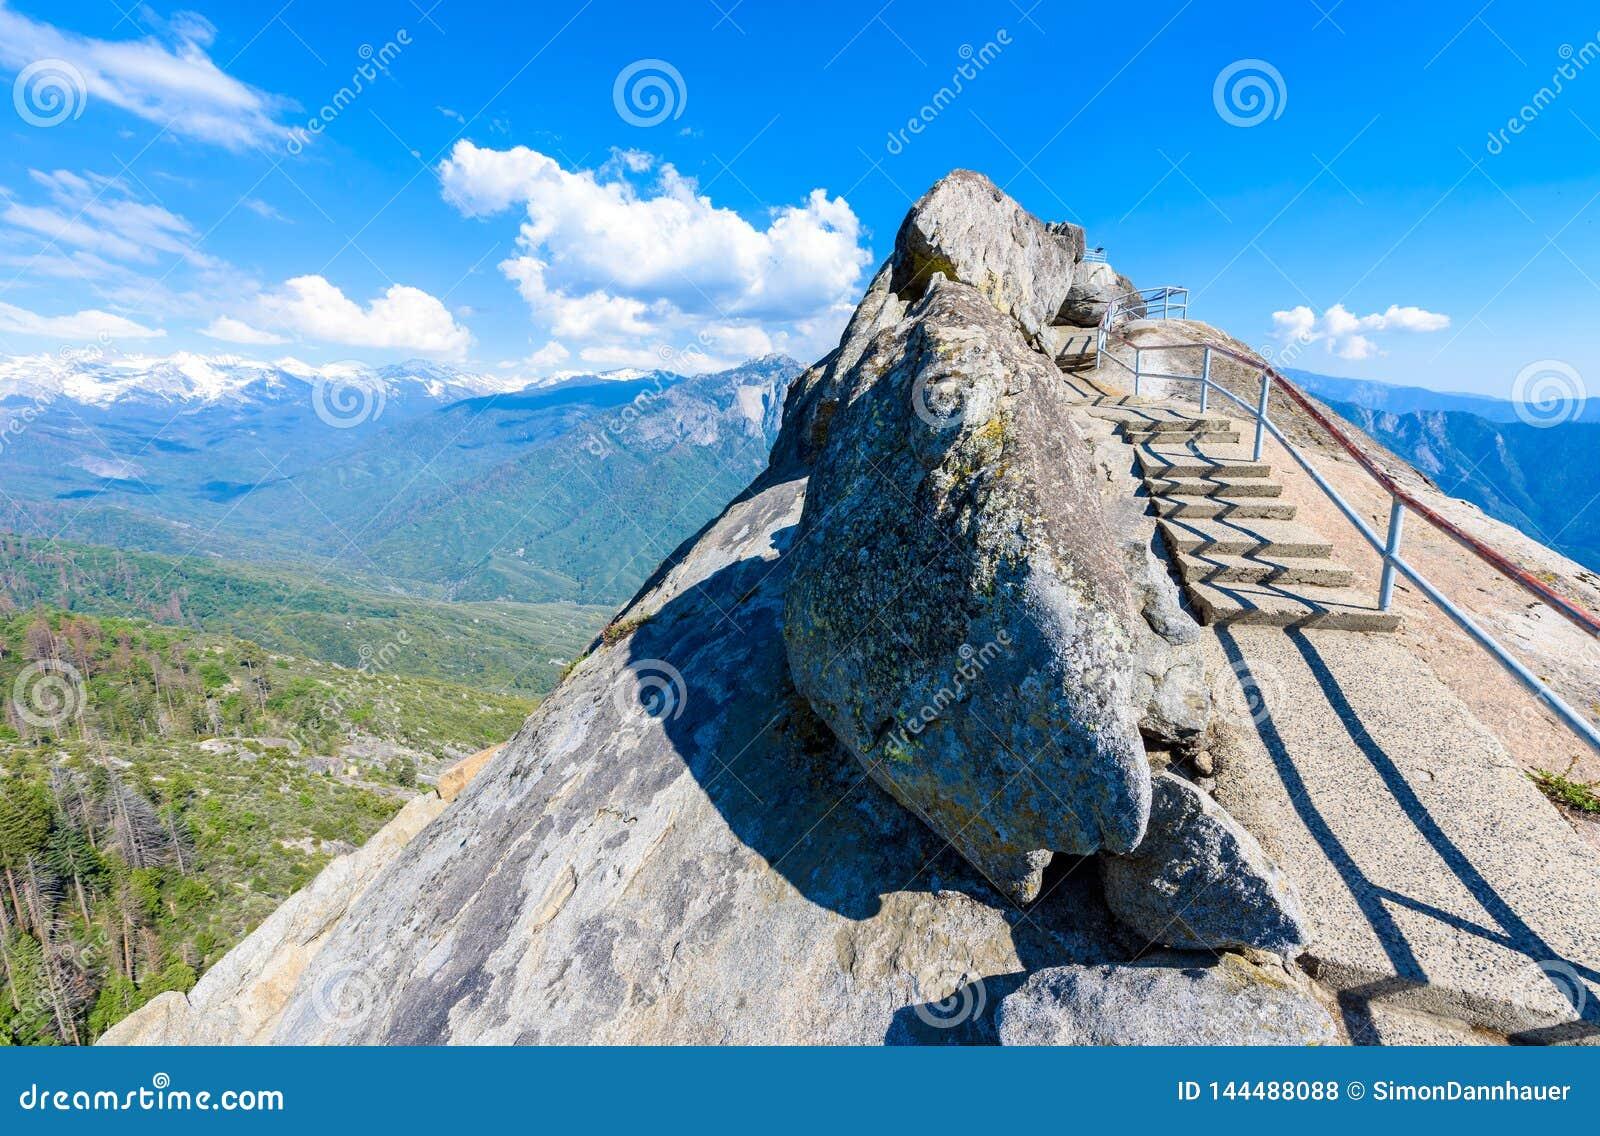 Поход на лестнице утеса Moro к верхней части горы, горной породе купола гранита в национальном парке секвойи, горах сьерра-невады